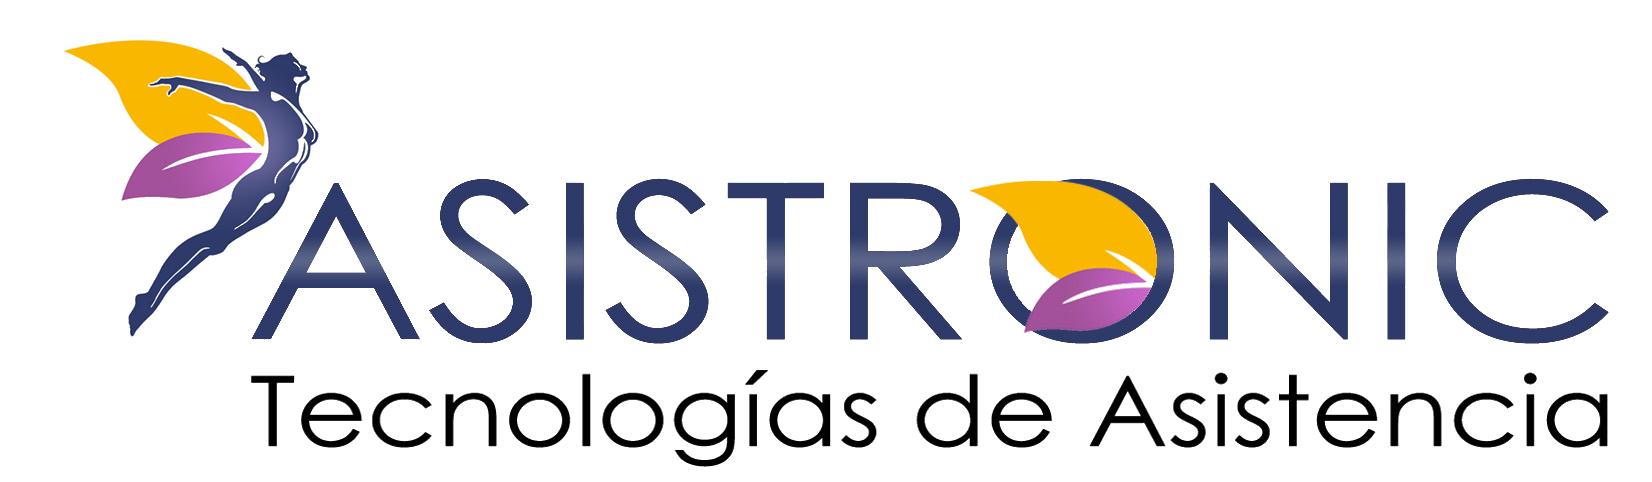 Asistronic lideres en tecnologias de asistencia colombia